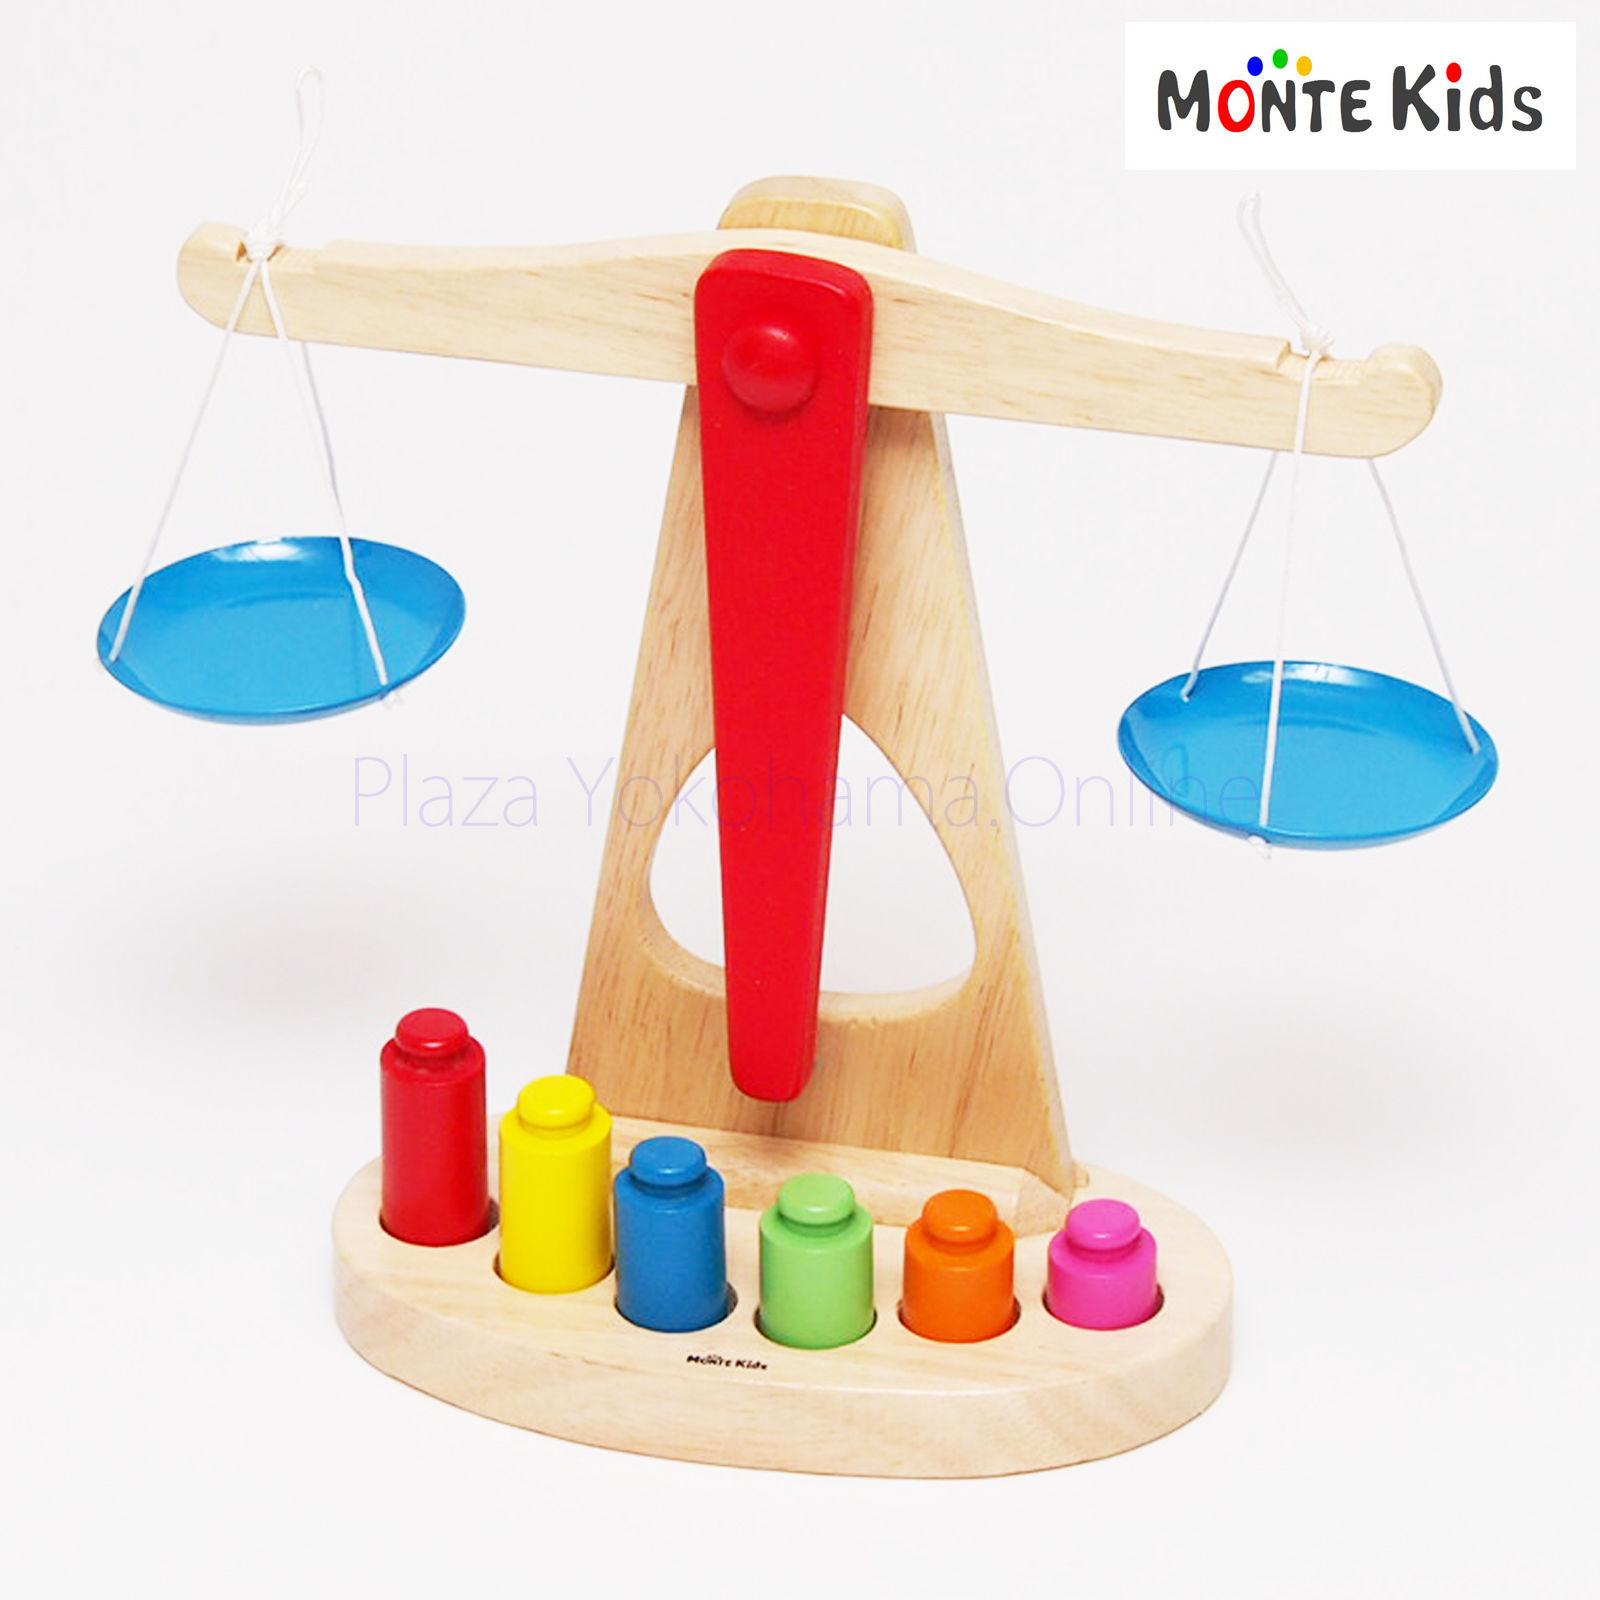 【MONTE Kids】MK-017  カラフル木製天秤  ≪OUTLET≫